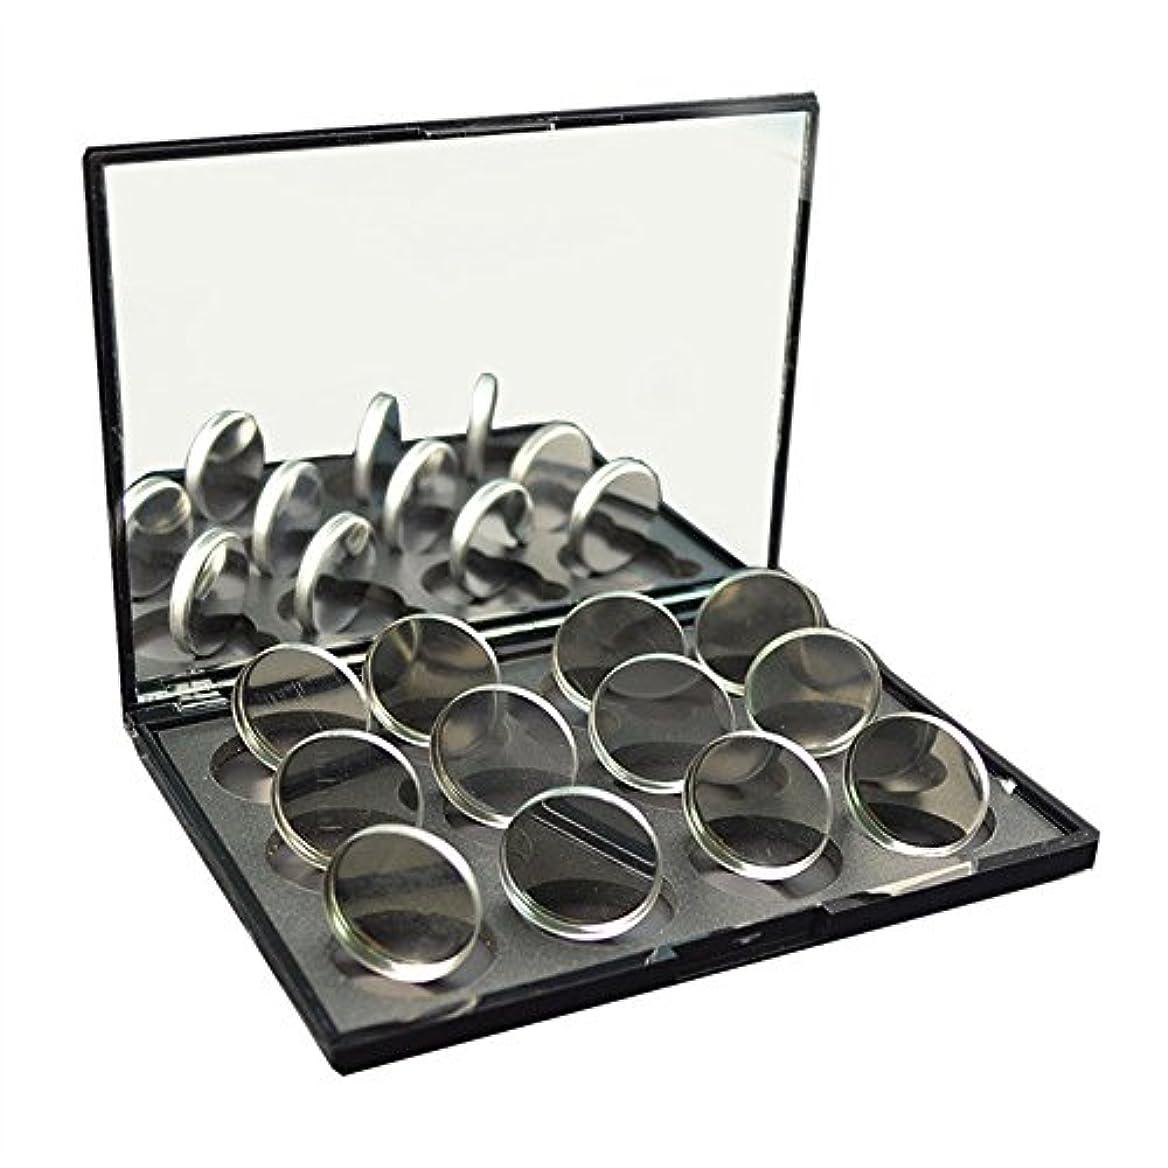 品種検出器偽磁石に敏感な粉のアイシャドウ26mmのための100pcs空の円形の錫鍋